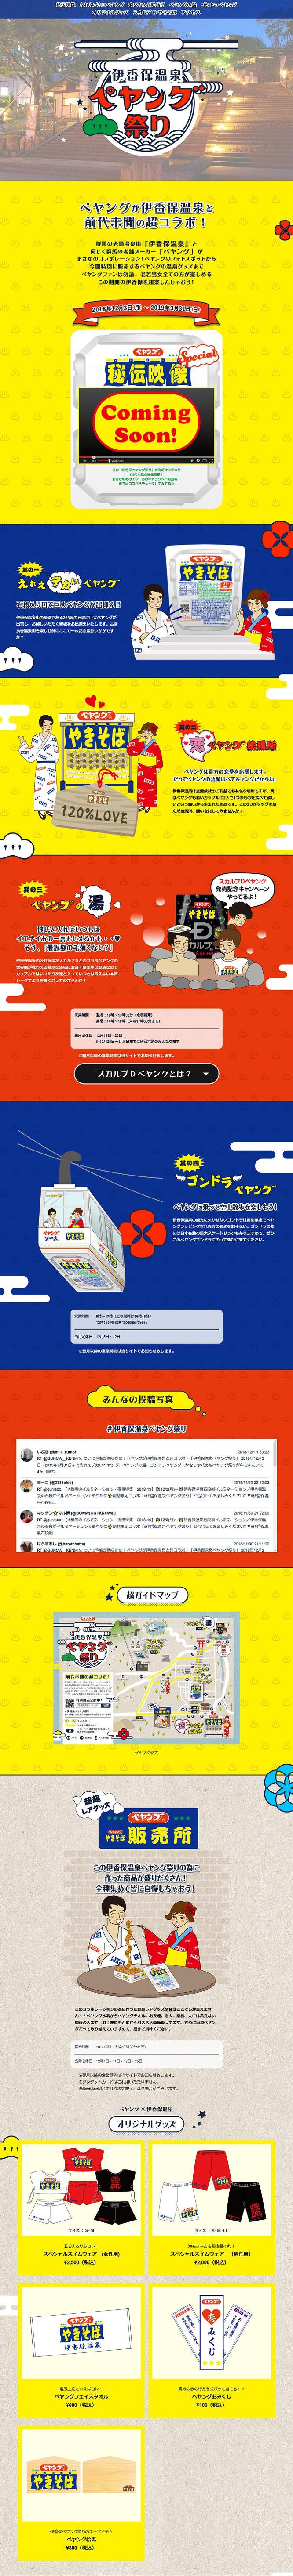 【まるか食品】伊香保温泉ペヤング祭り 温泉総選挙2018